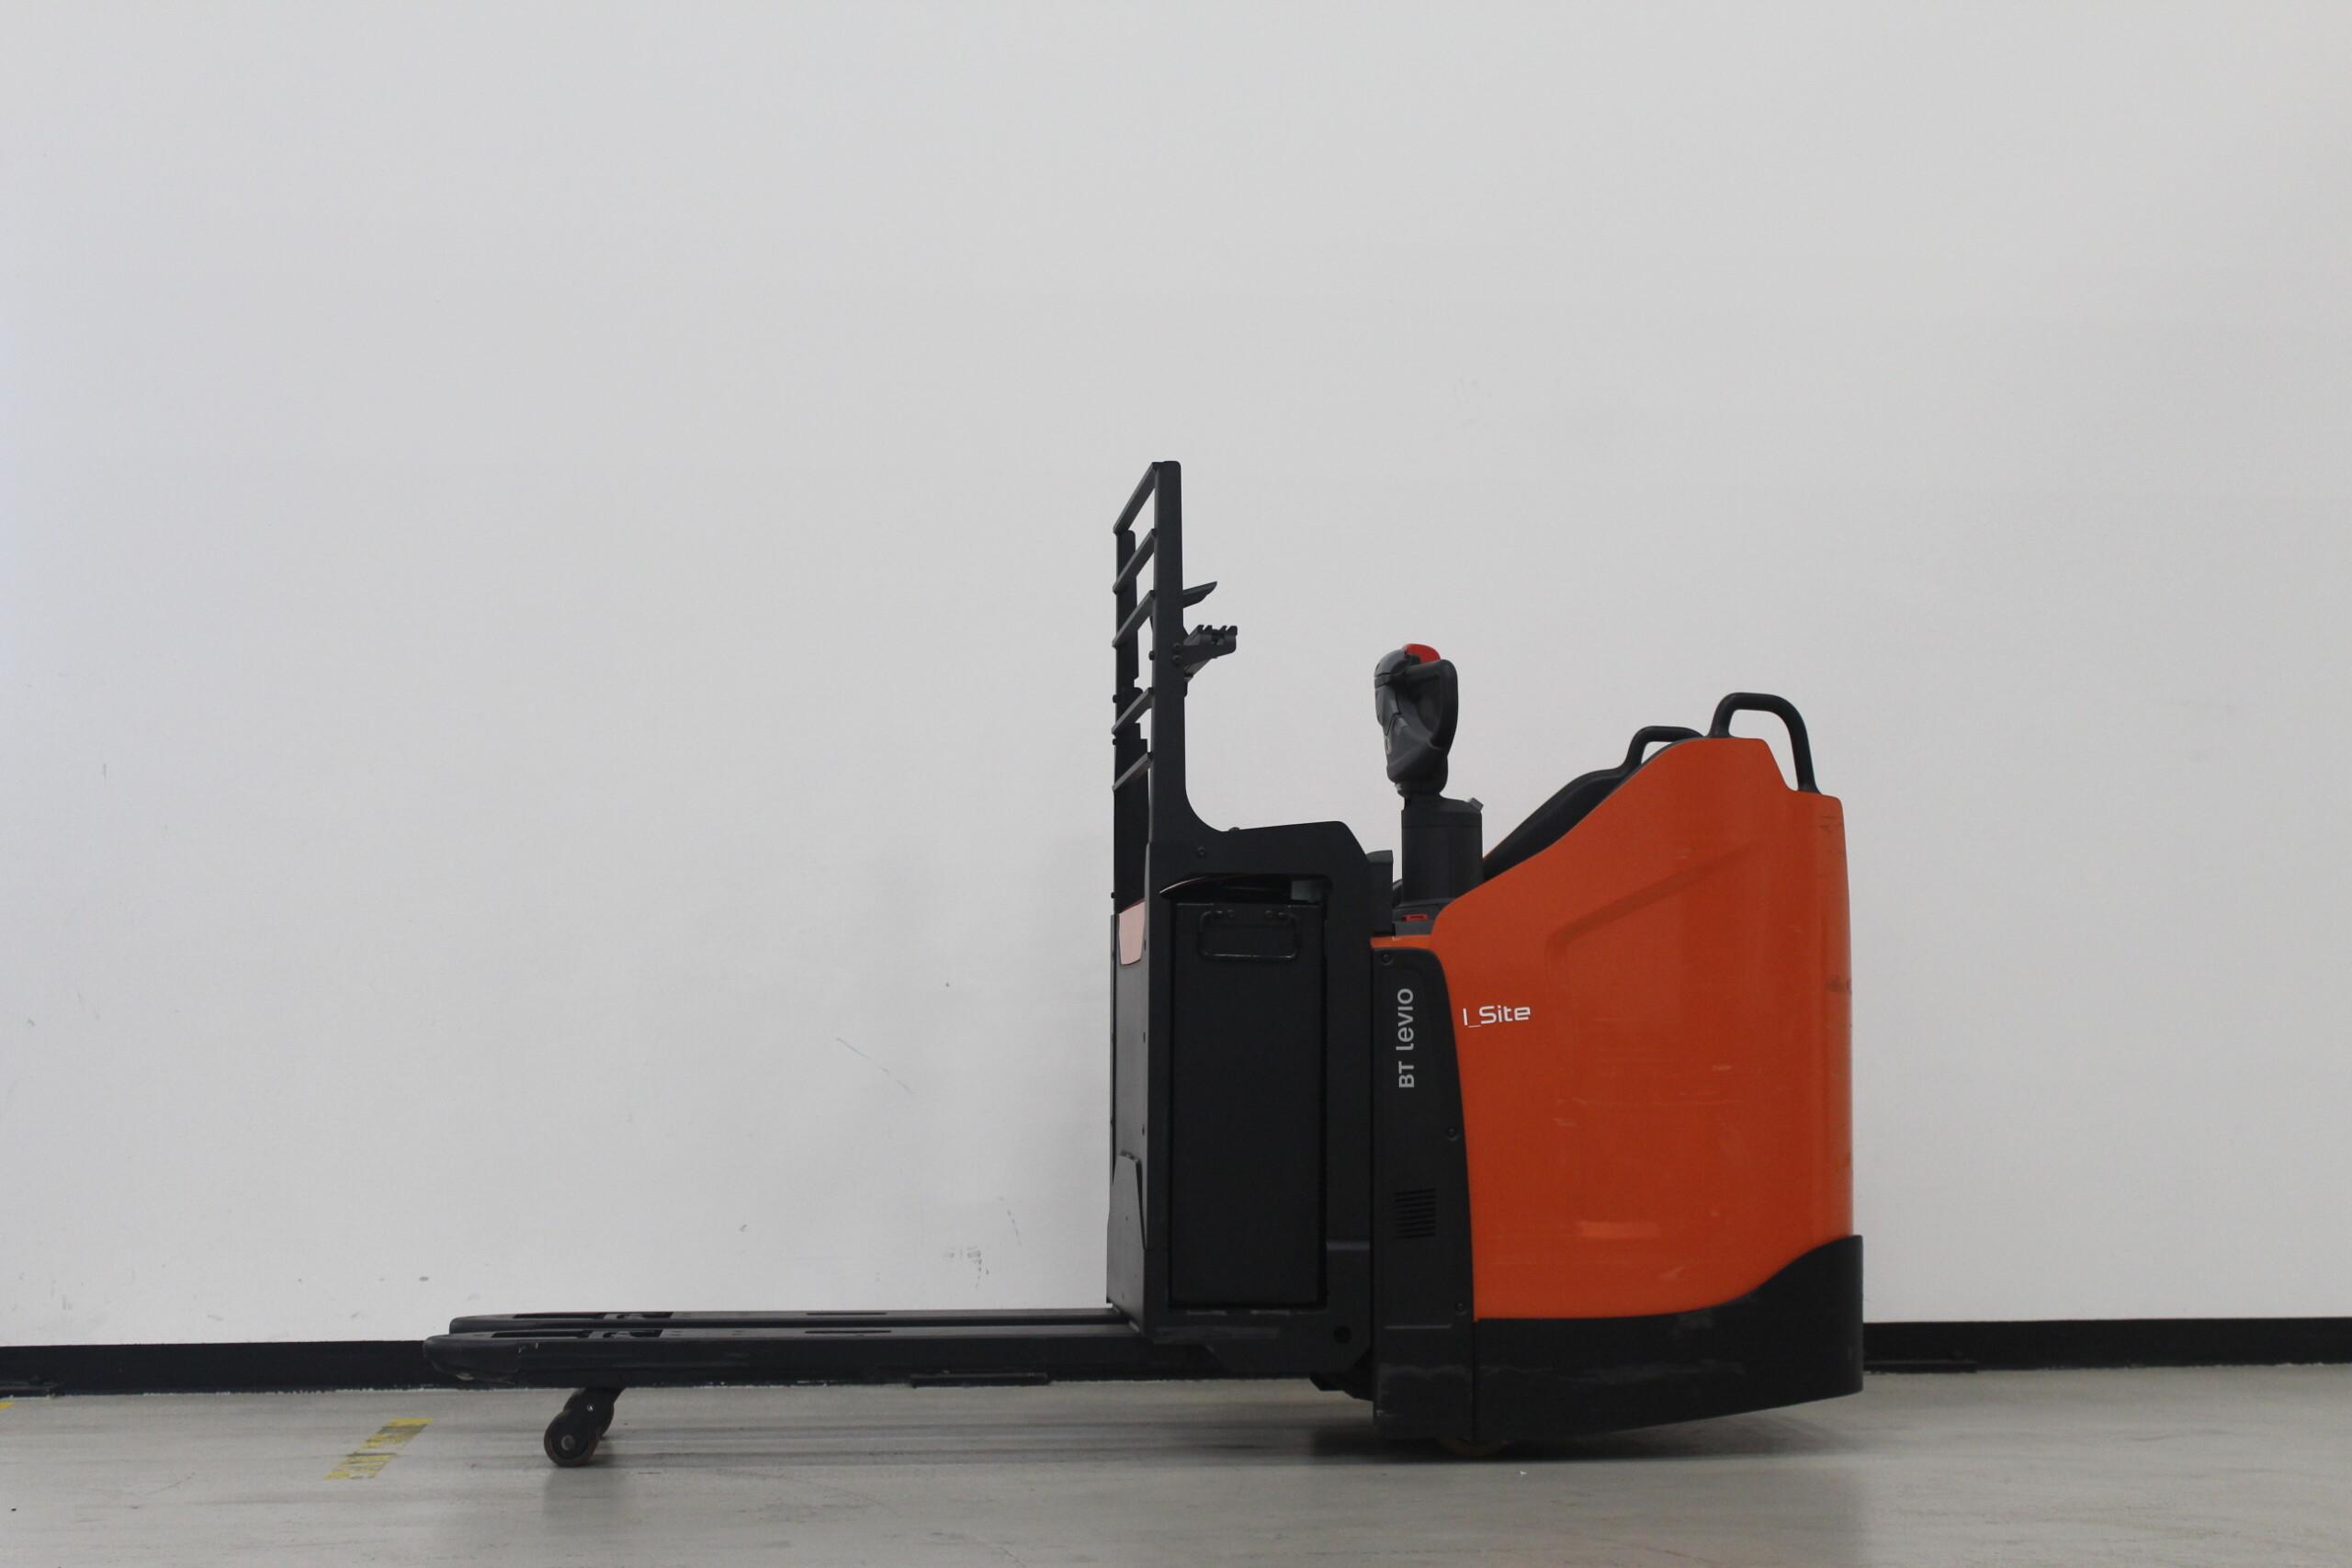 Toyota-Gabelstapler-59840 1812023803 1 46 scaled